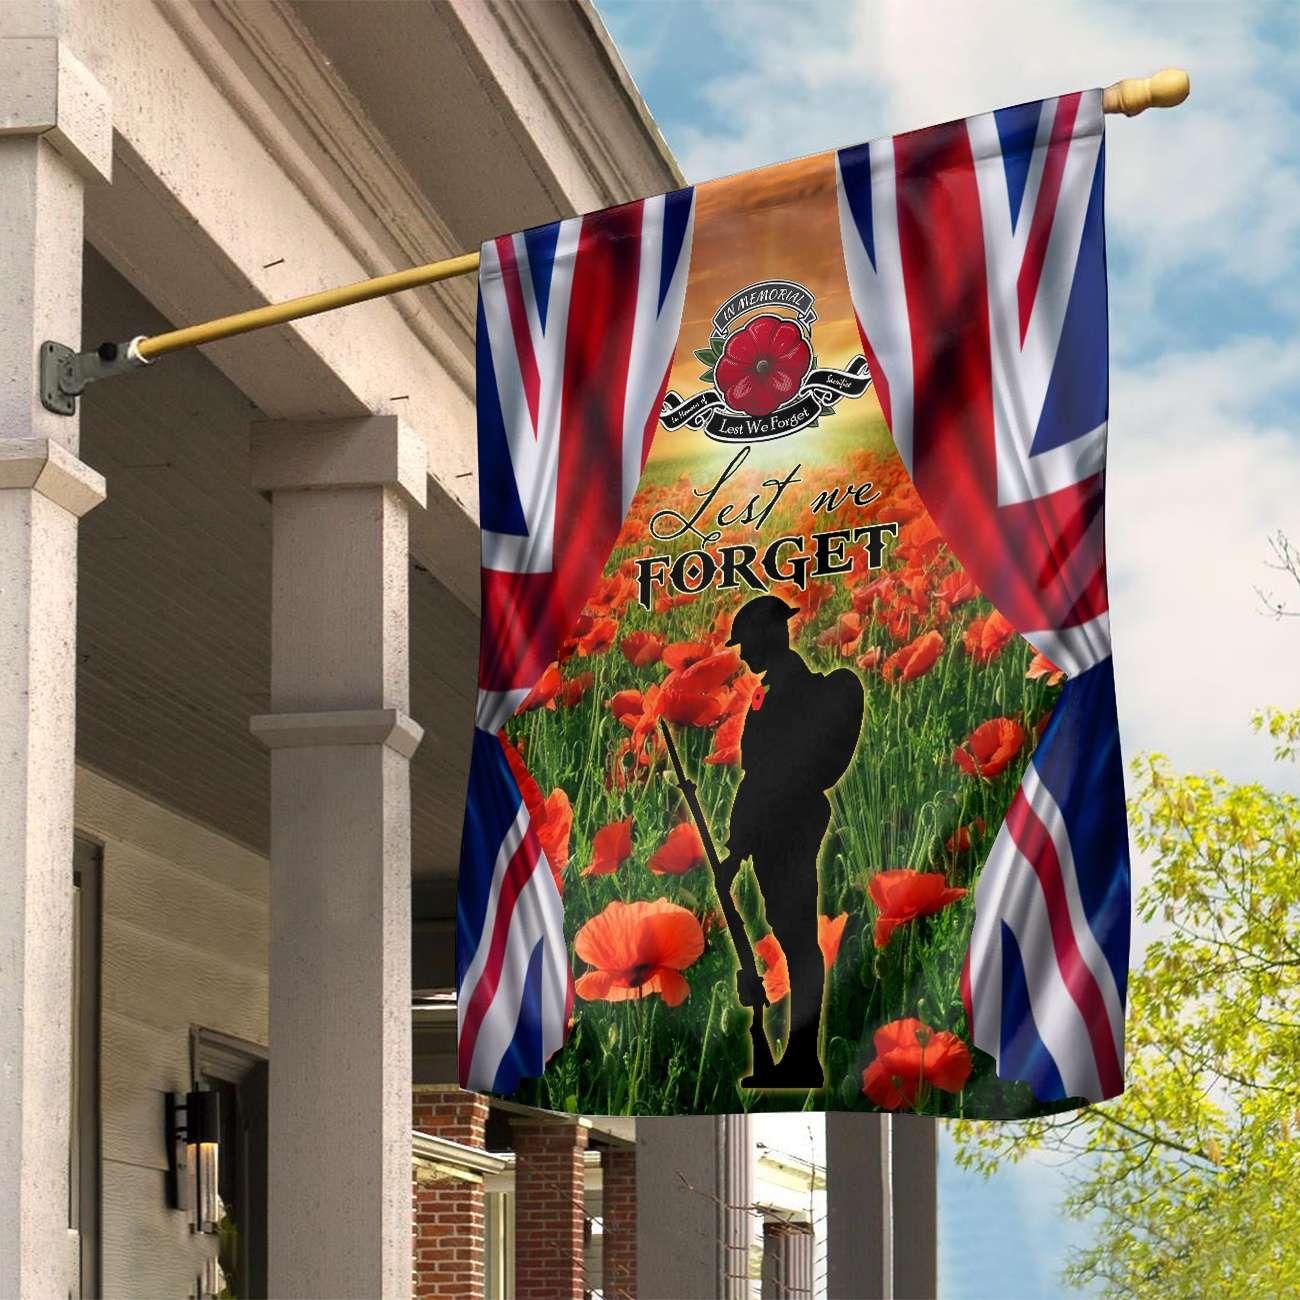 UK Lest We Forget Poppy field Full Printed Flag